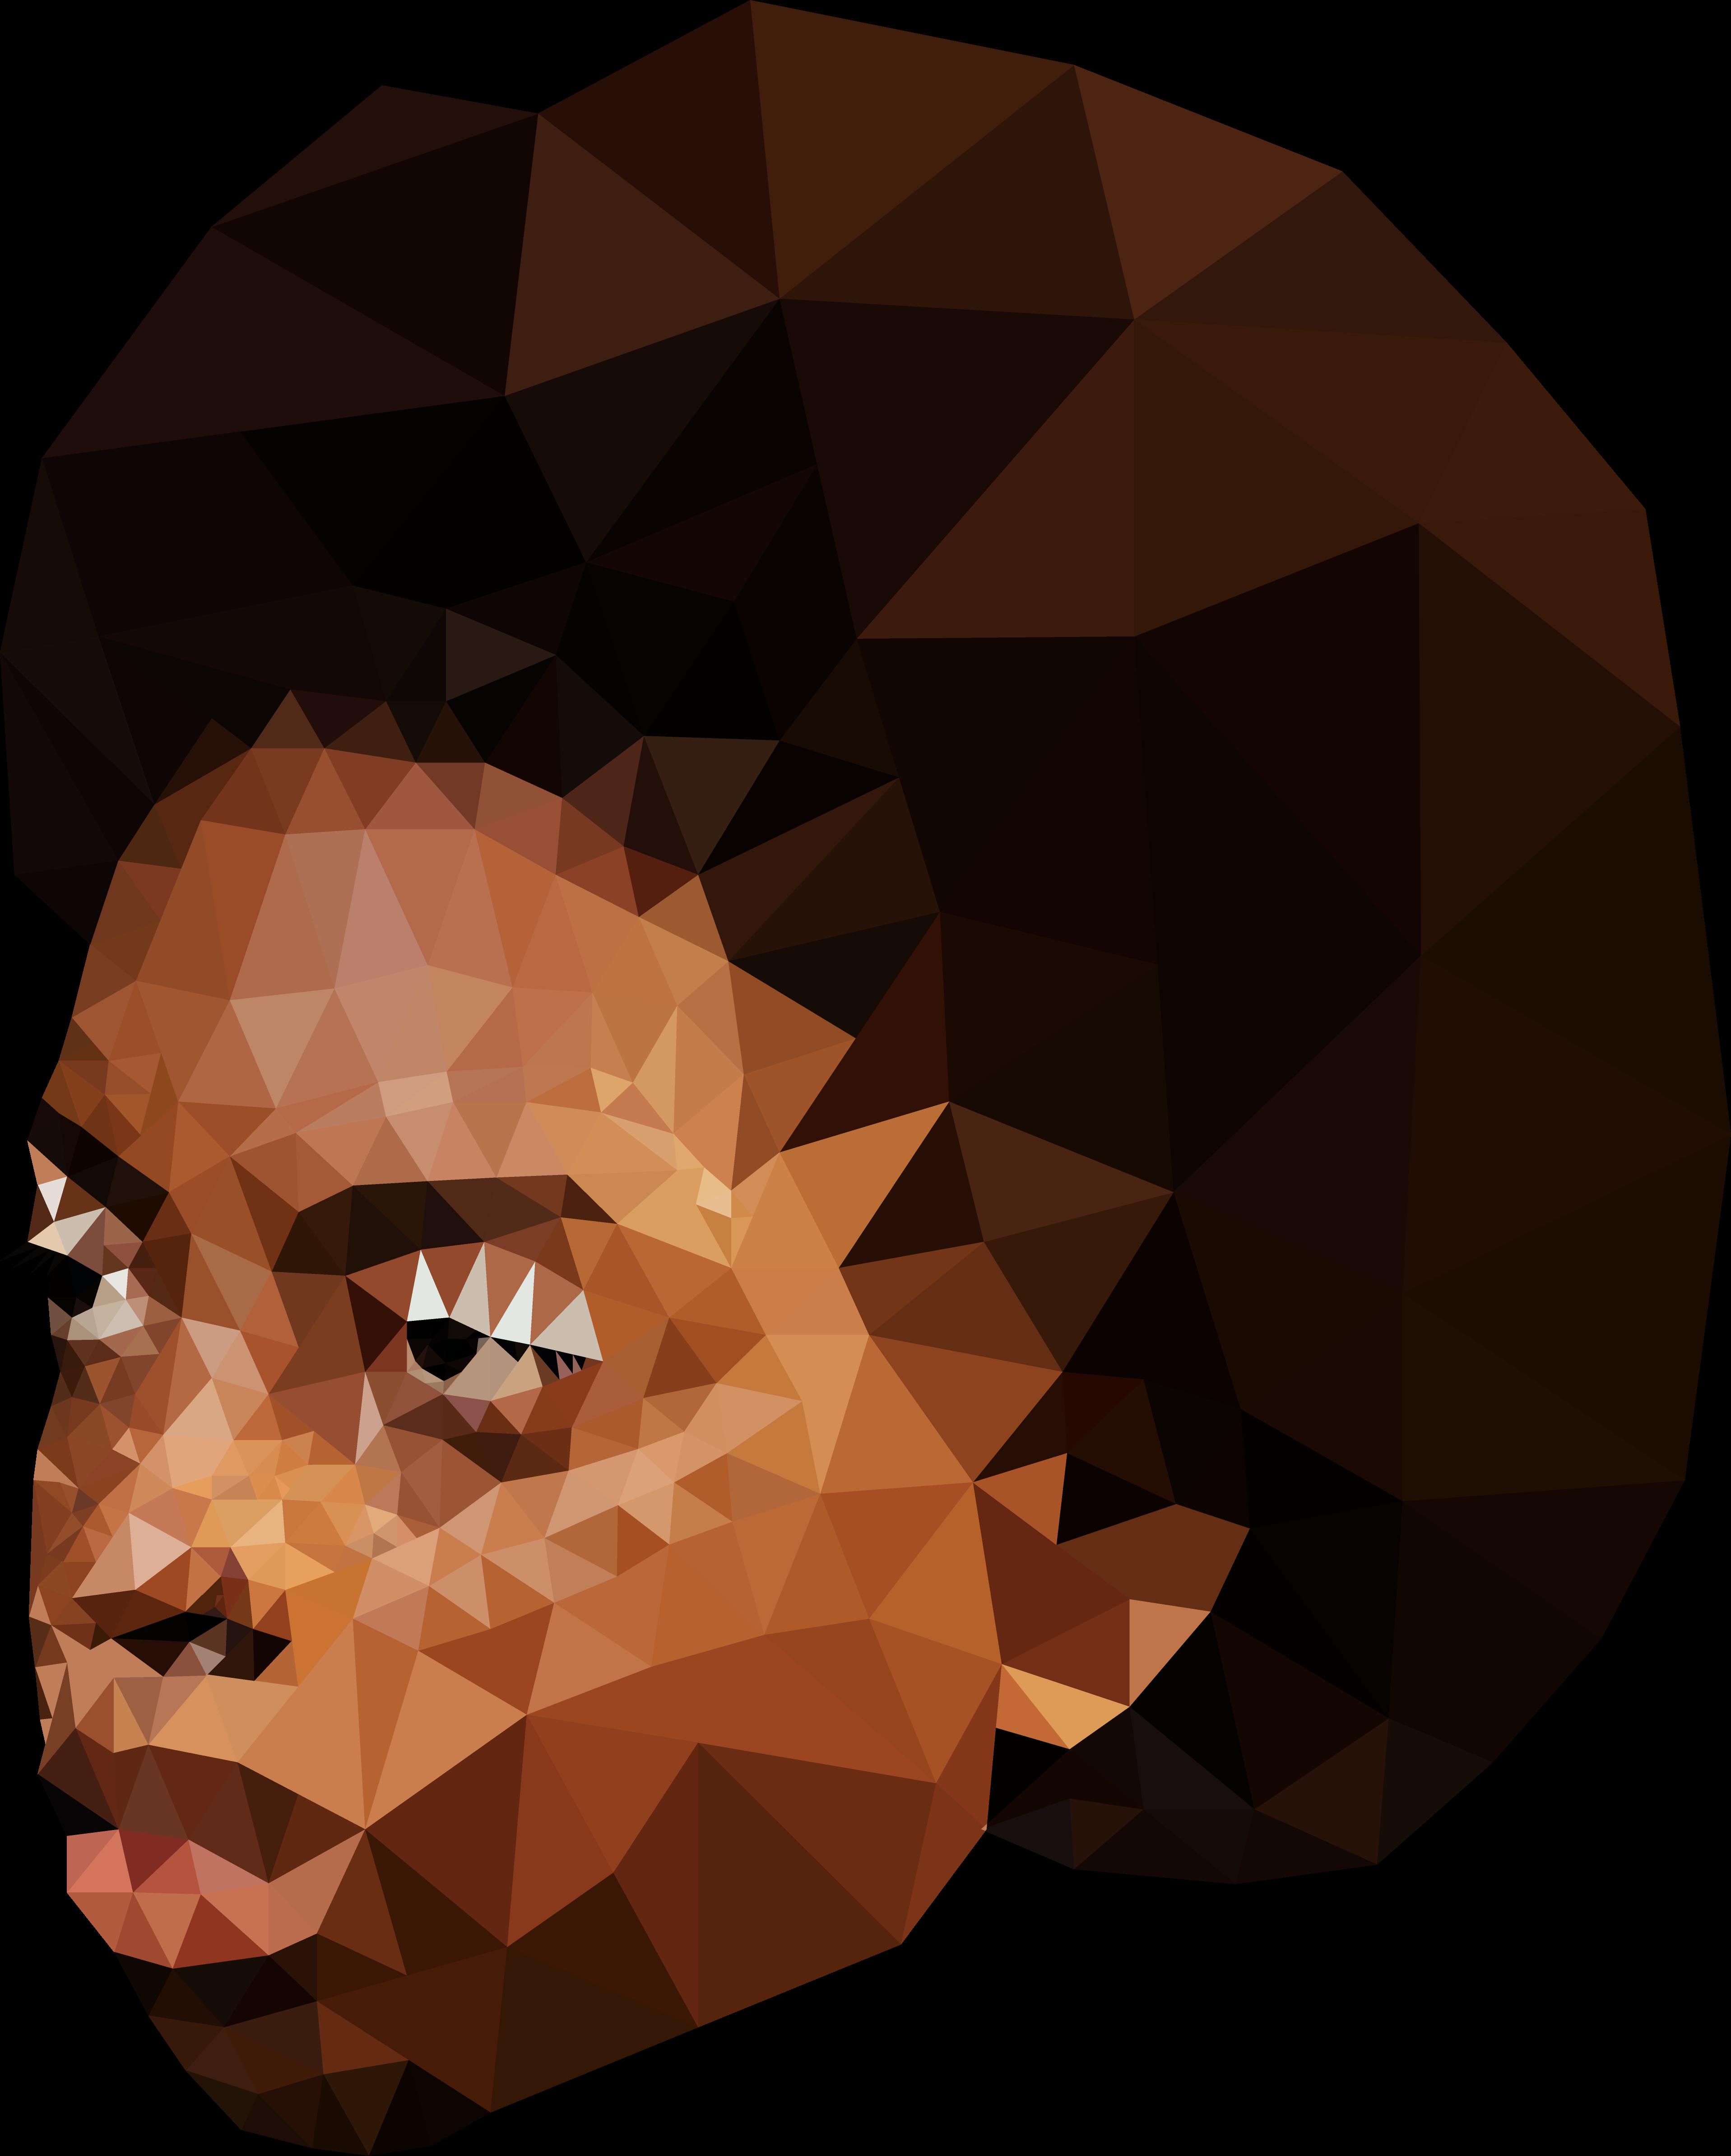 Shunaji illustration using low-poly art in Adobe Illustrator